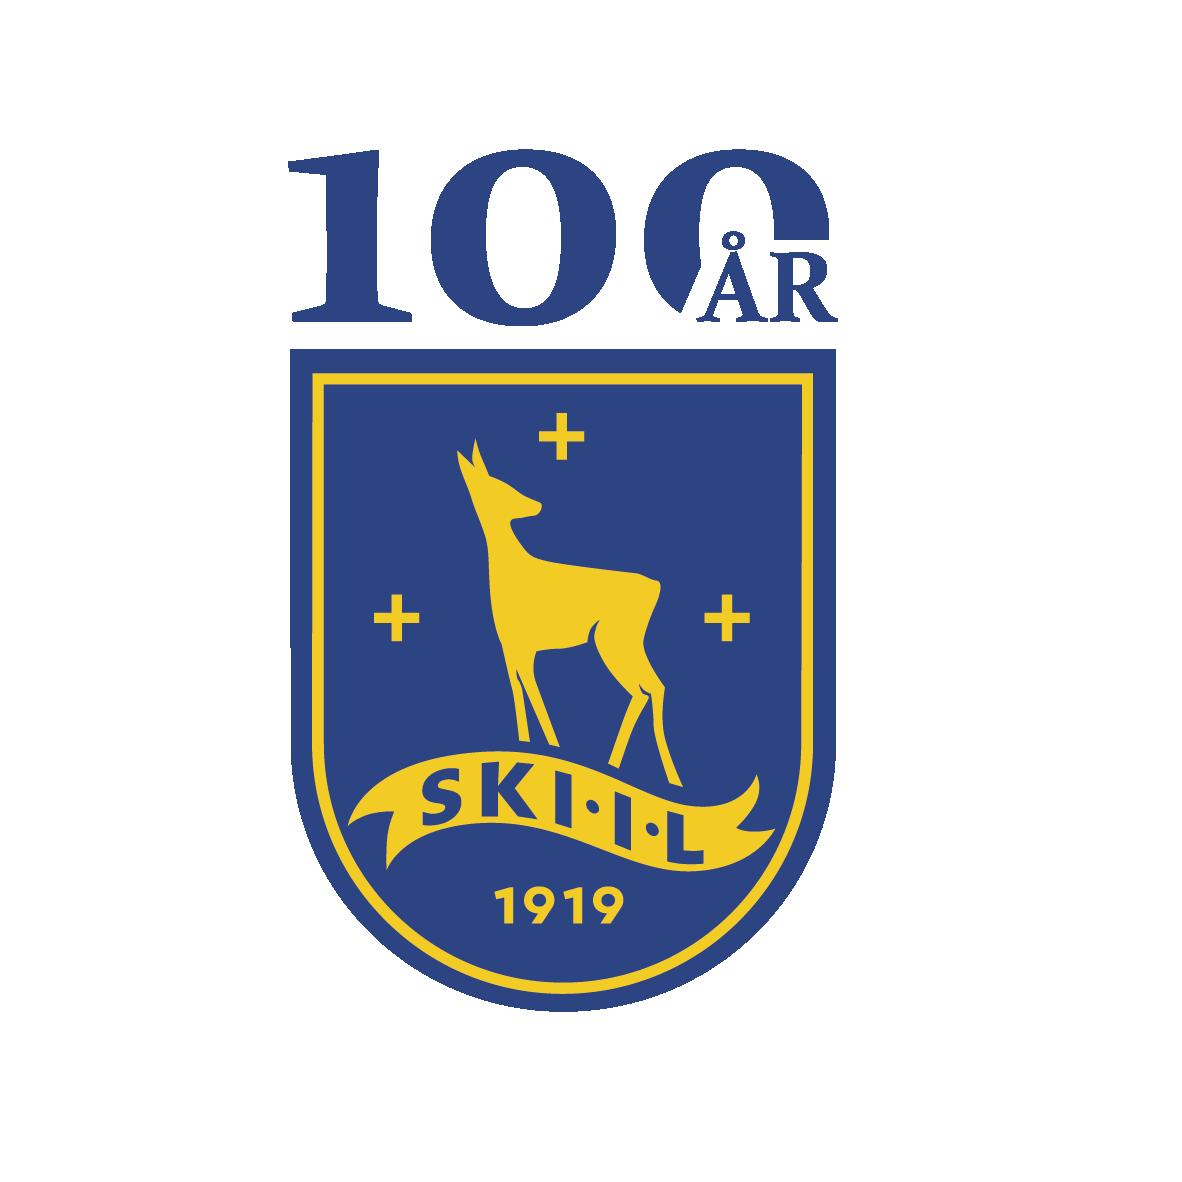 ski il 100 år (002)